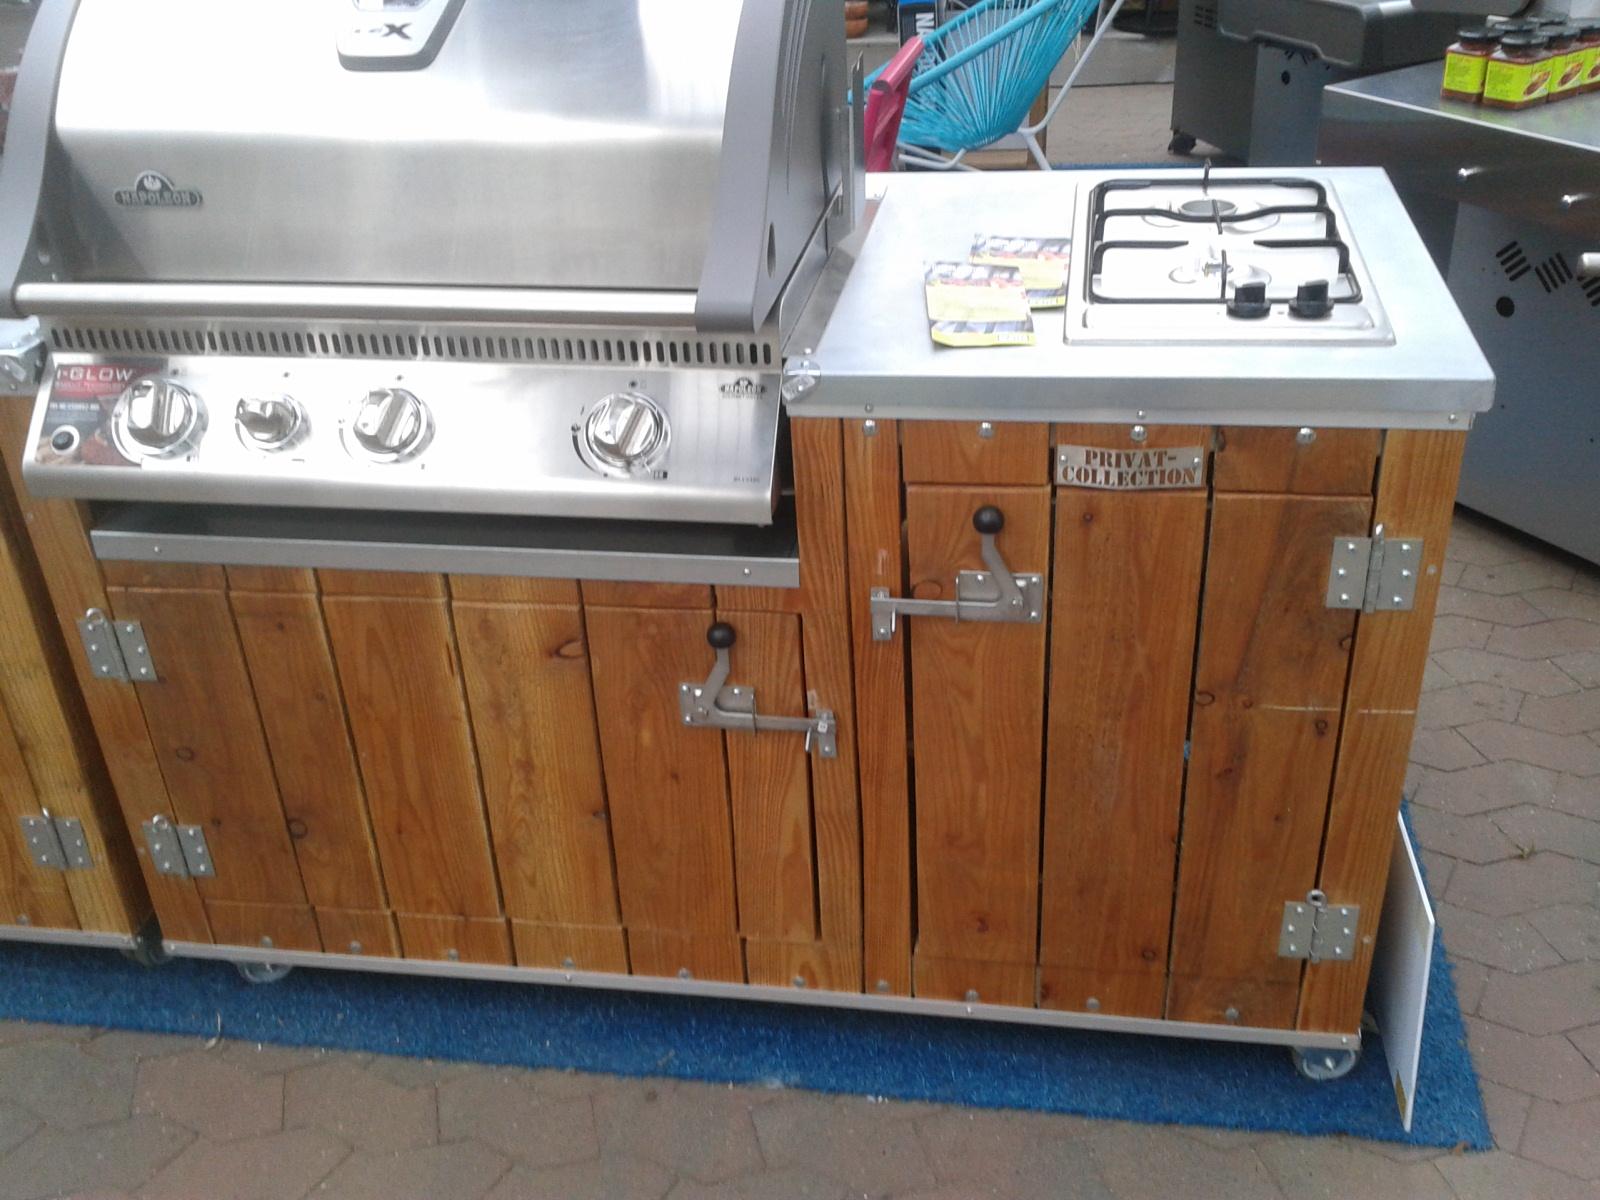 Schrank Für Außenküche : Außenküche sinnvolle utensilien ausstattung grillforum und bbq